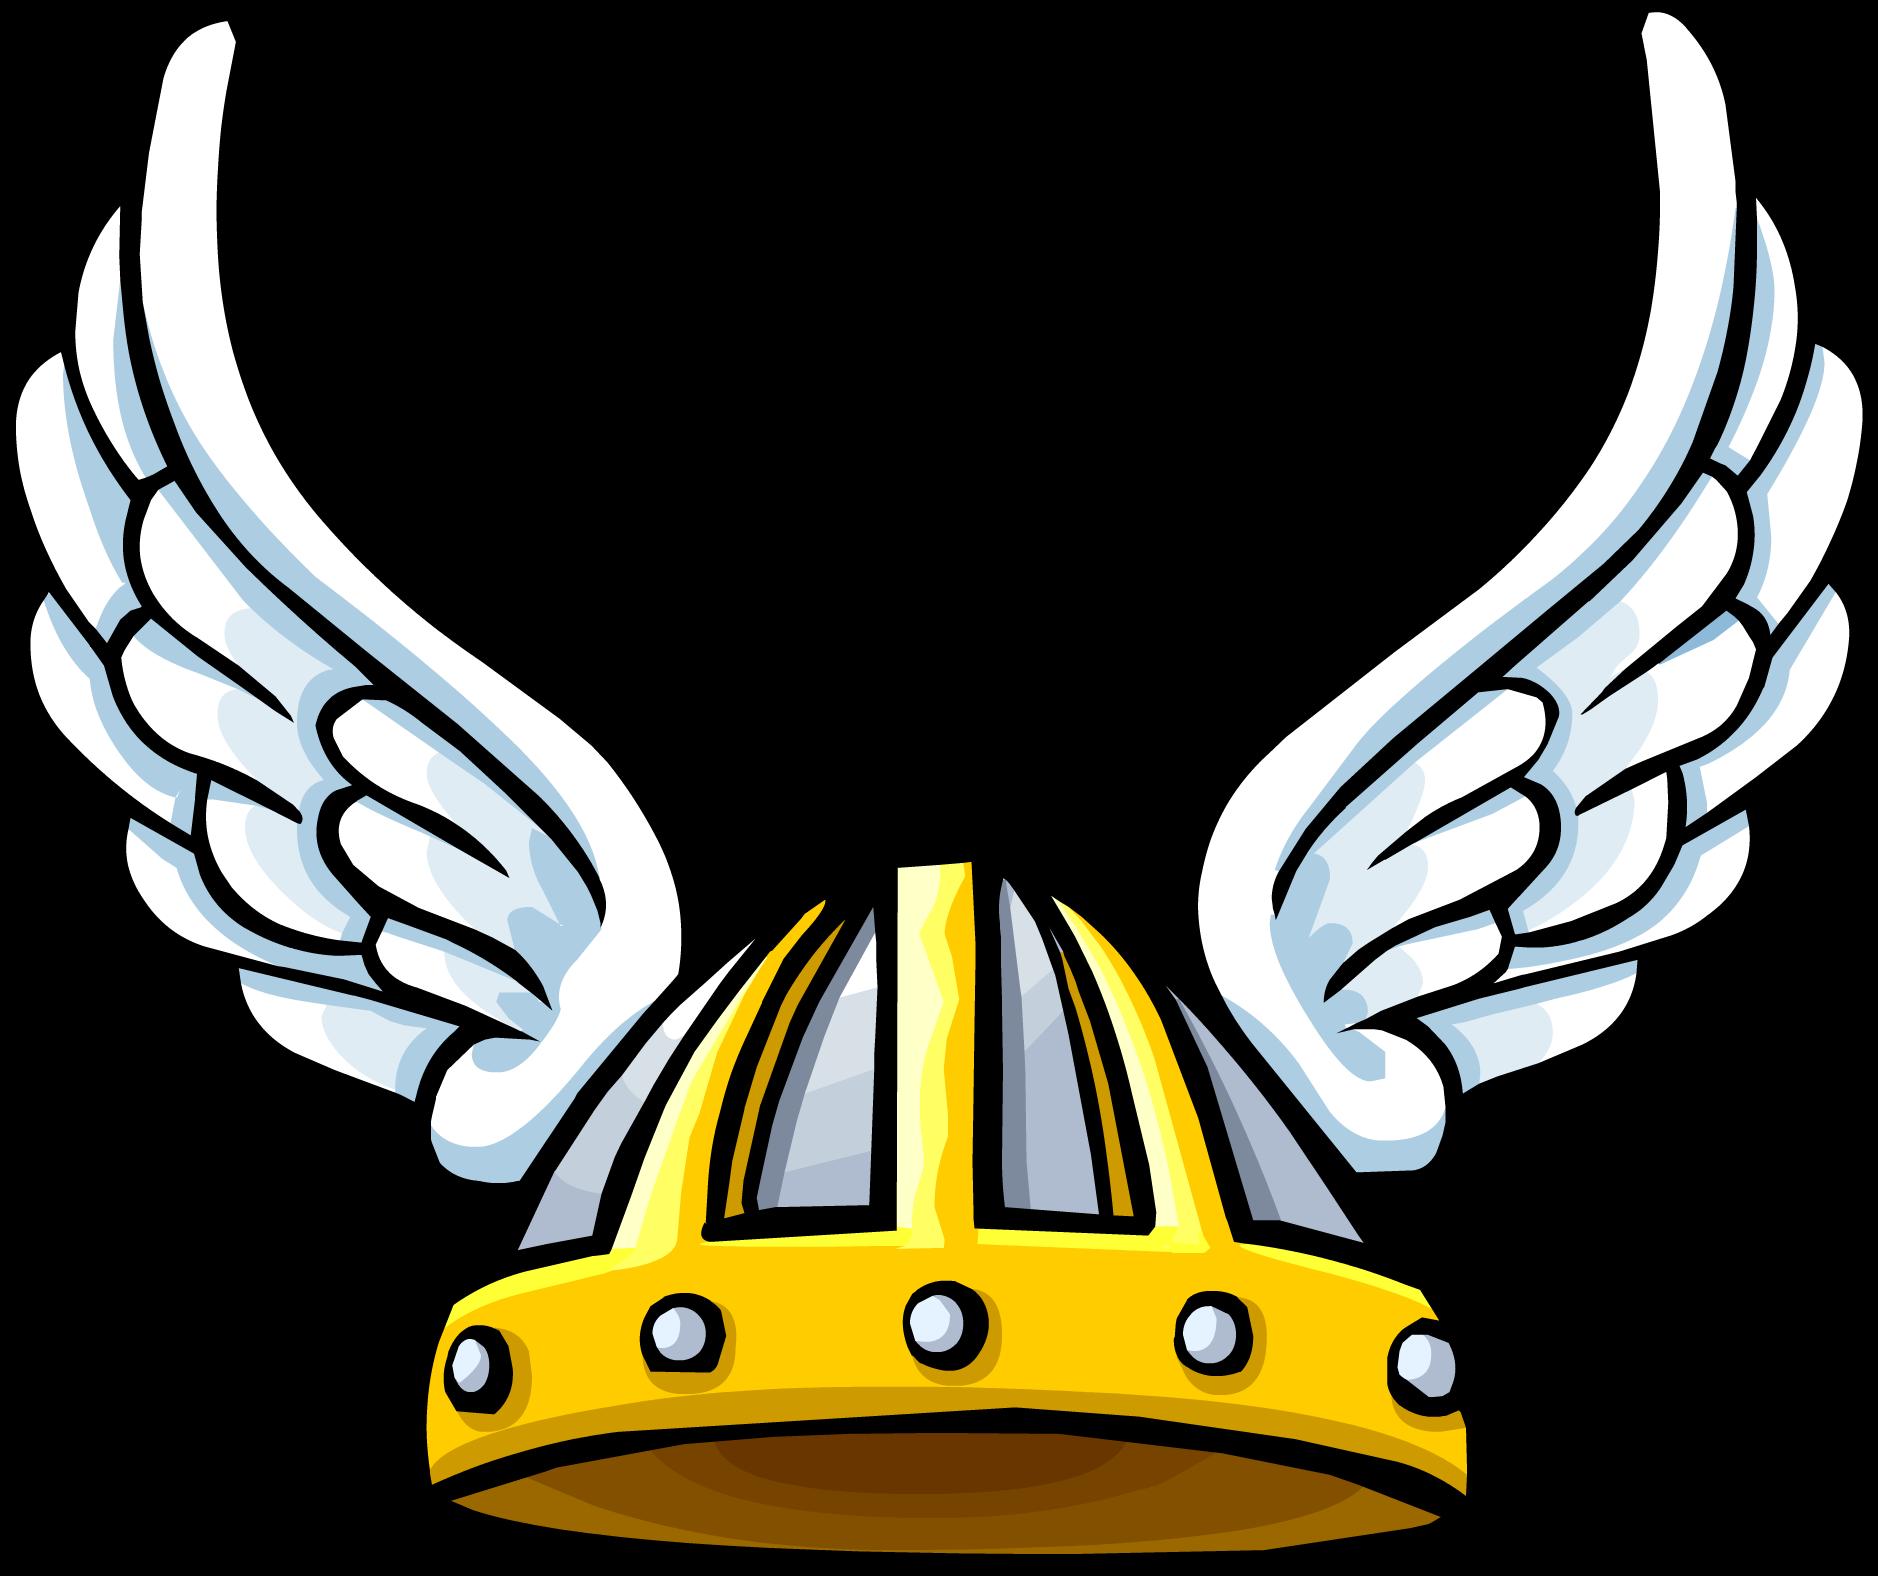 Winged Viking Helmet